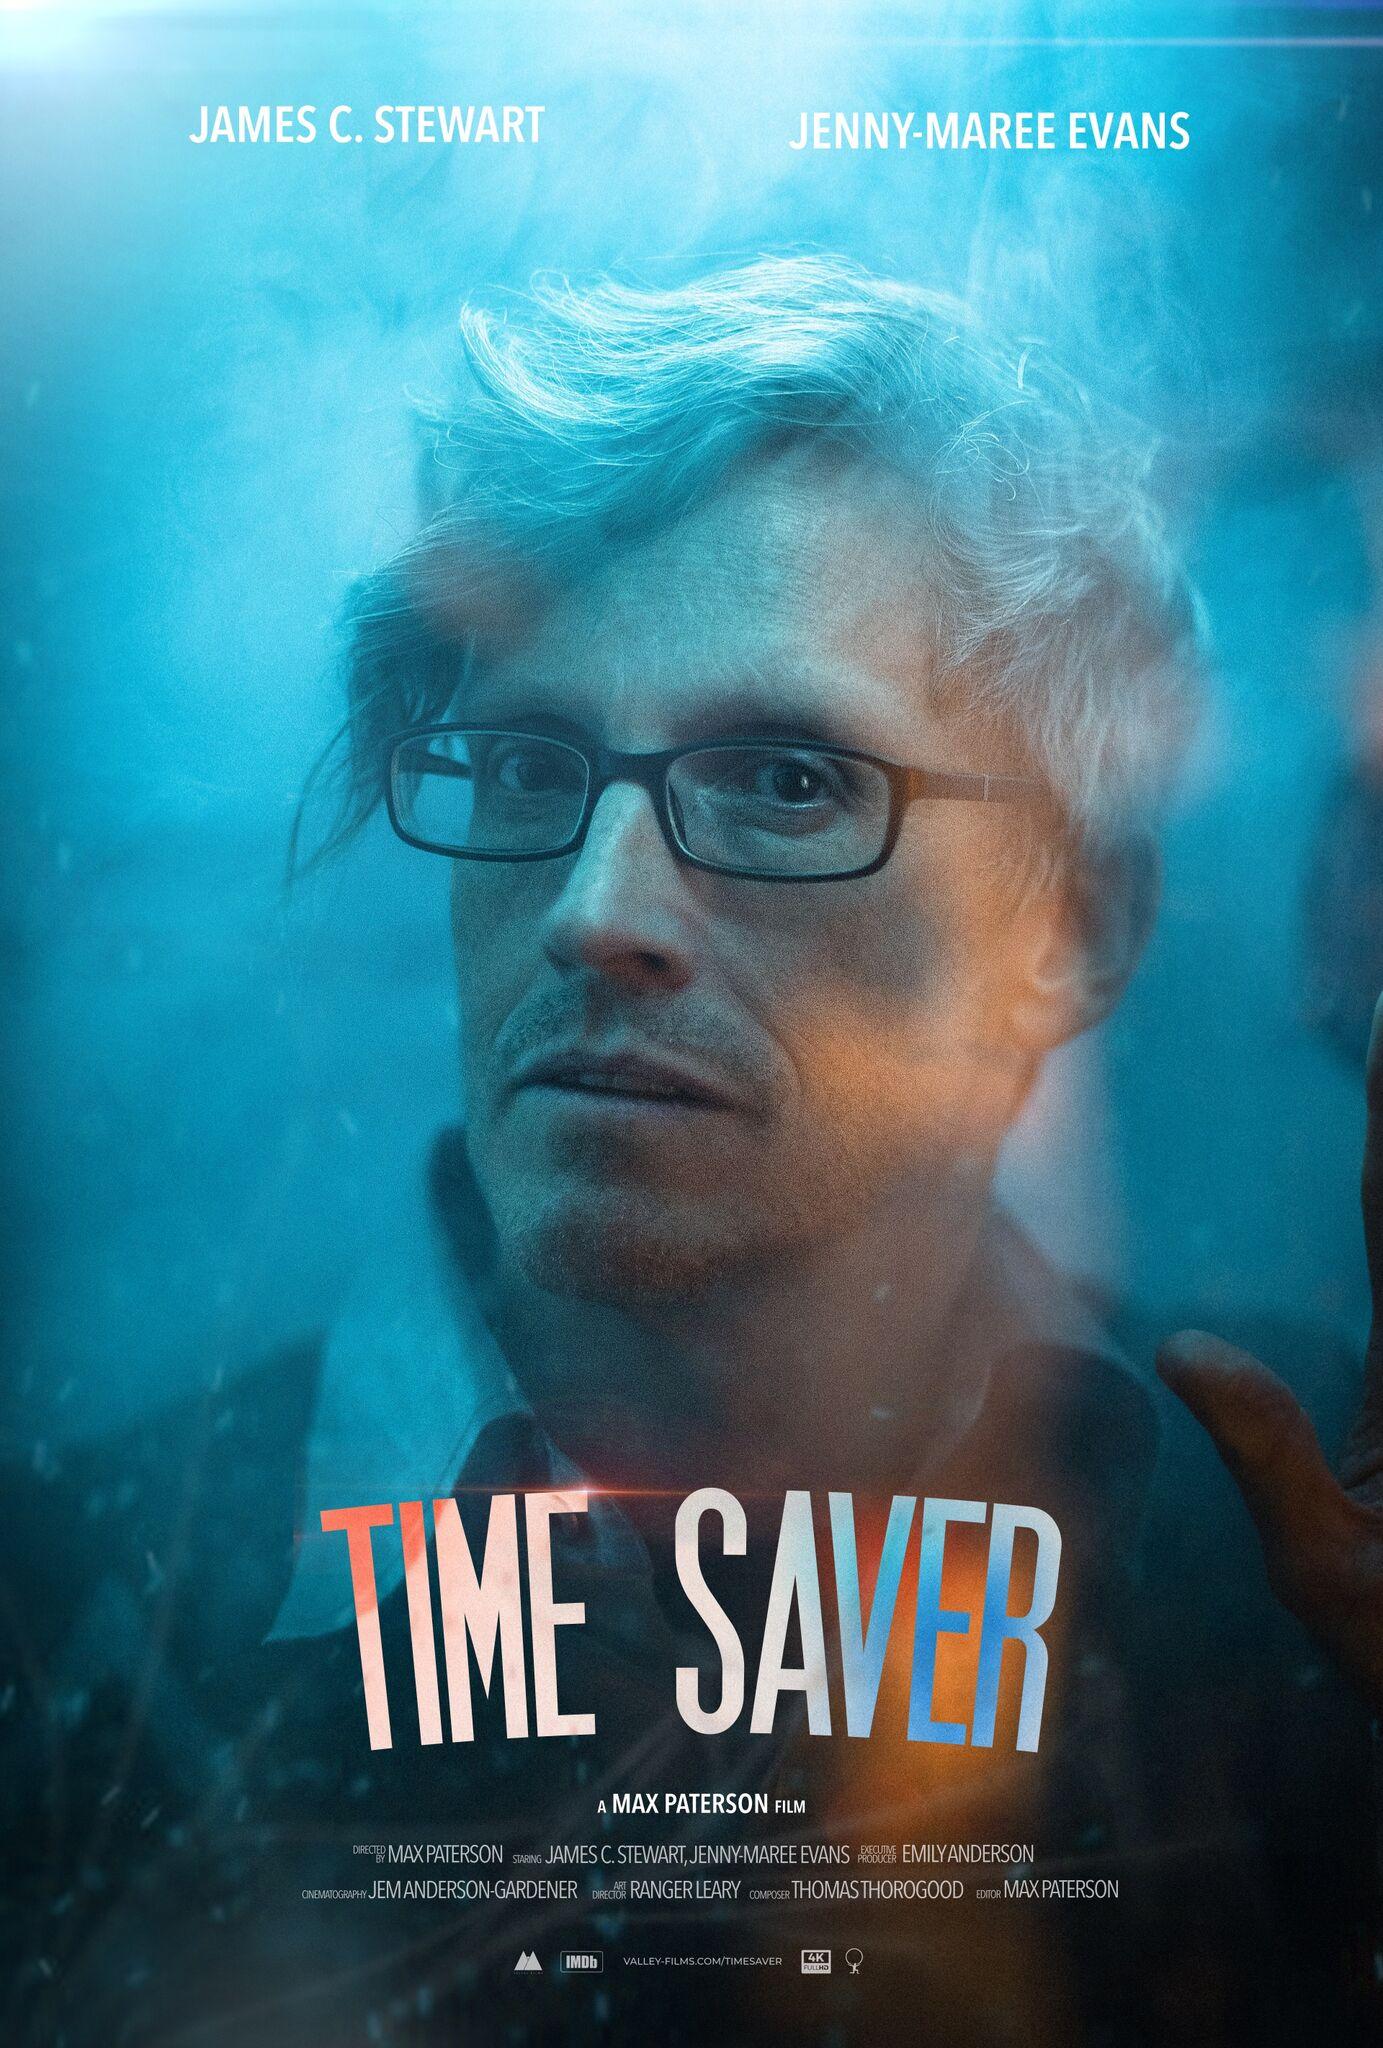 Time Saver